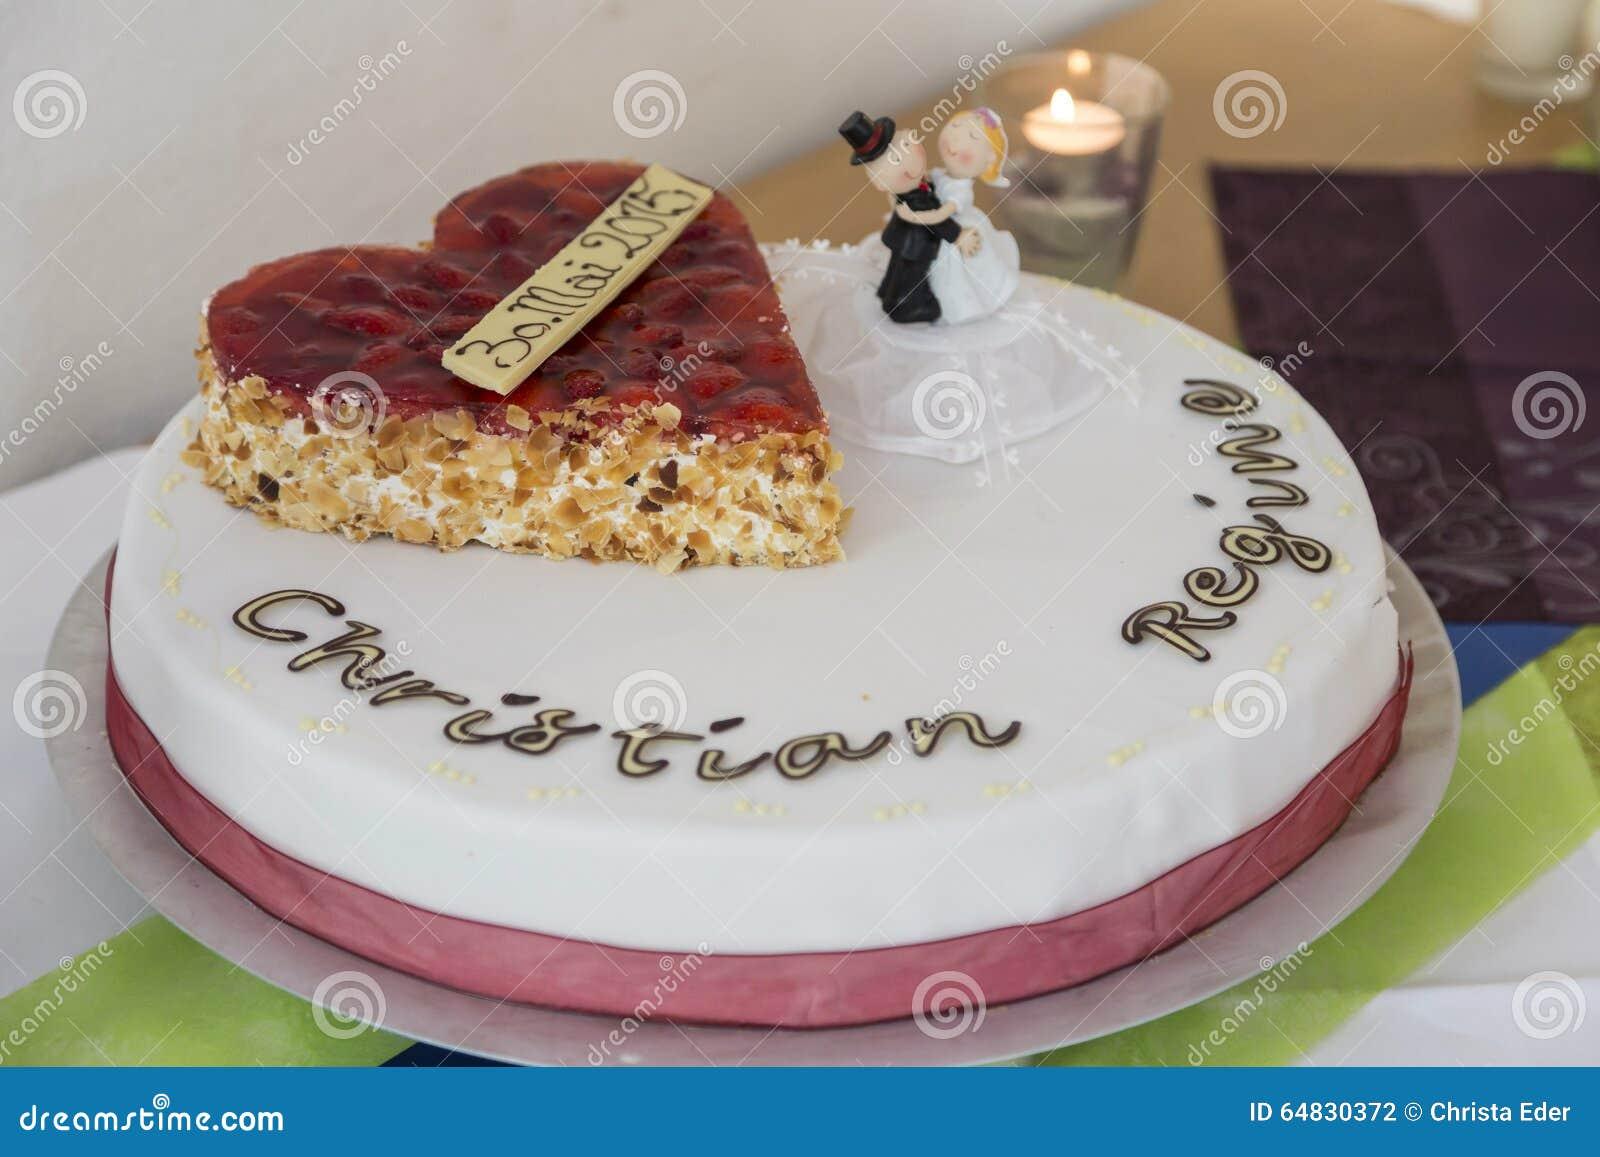 Traditional wedding cake stock photo. Image of etagere - 64830372